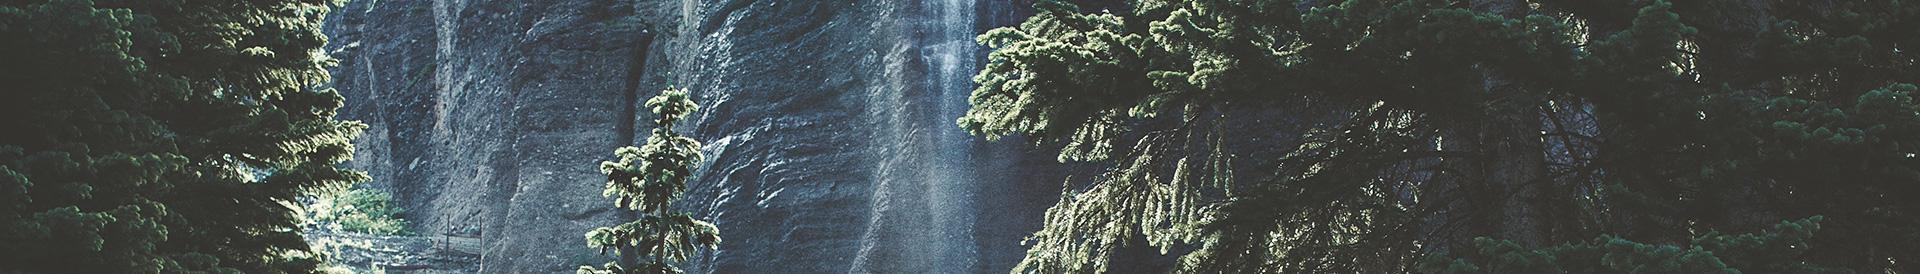 krajobraz górski - Banner kontakt